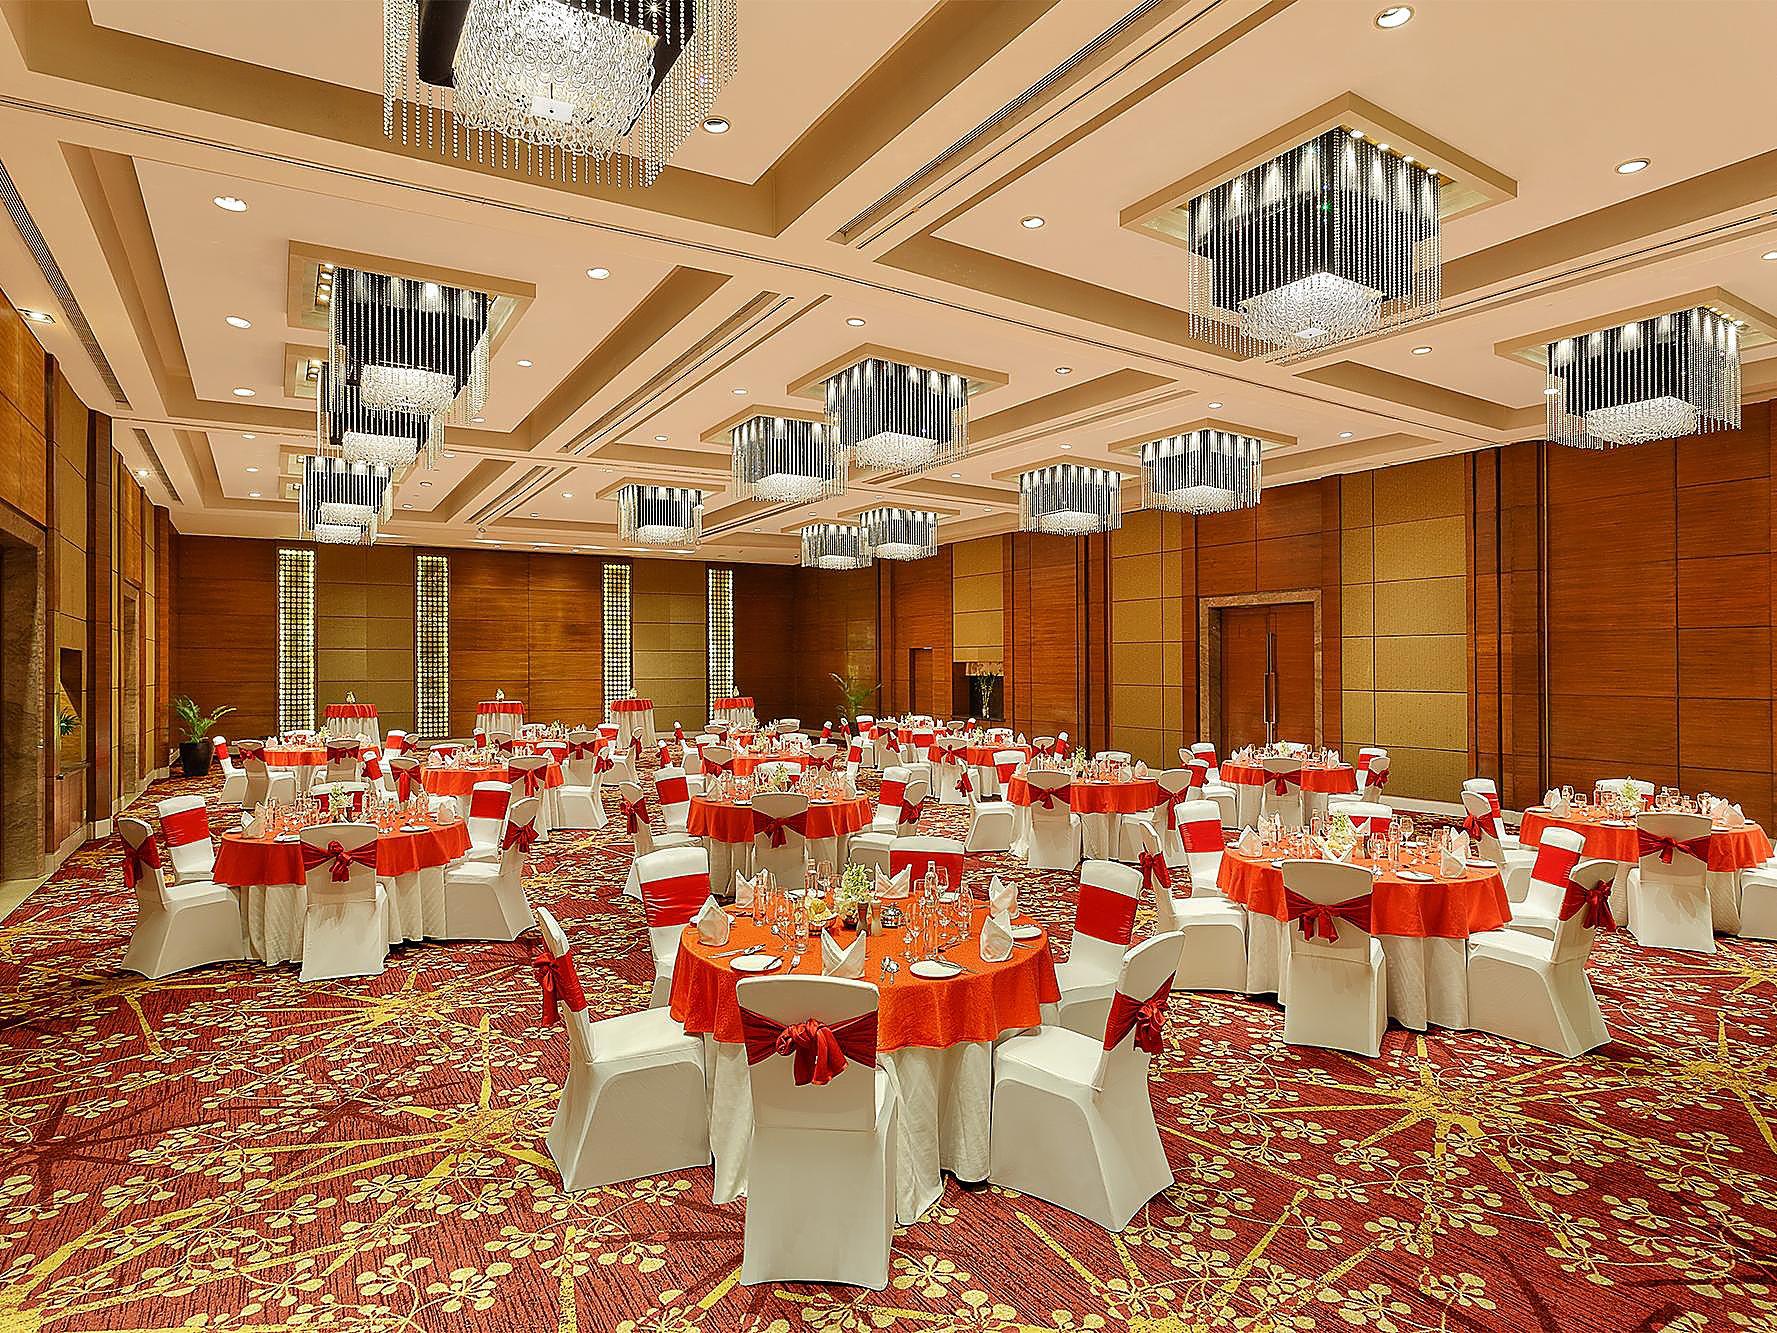 Crowne Plaza Gurgaon - Gurgaon, India Hotel   IHG